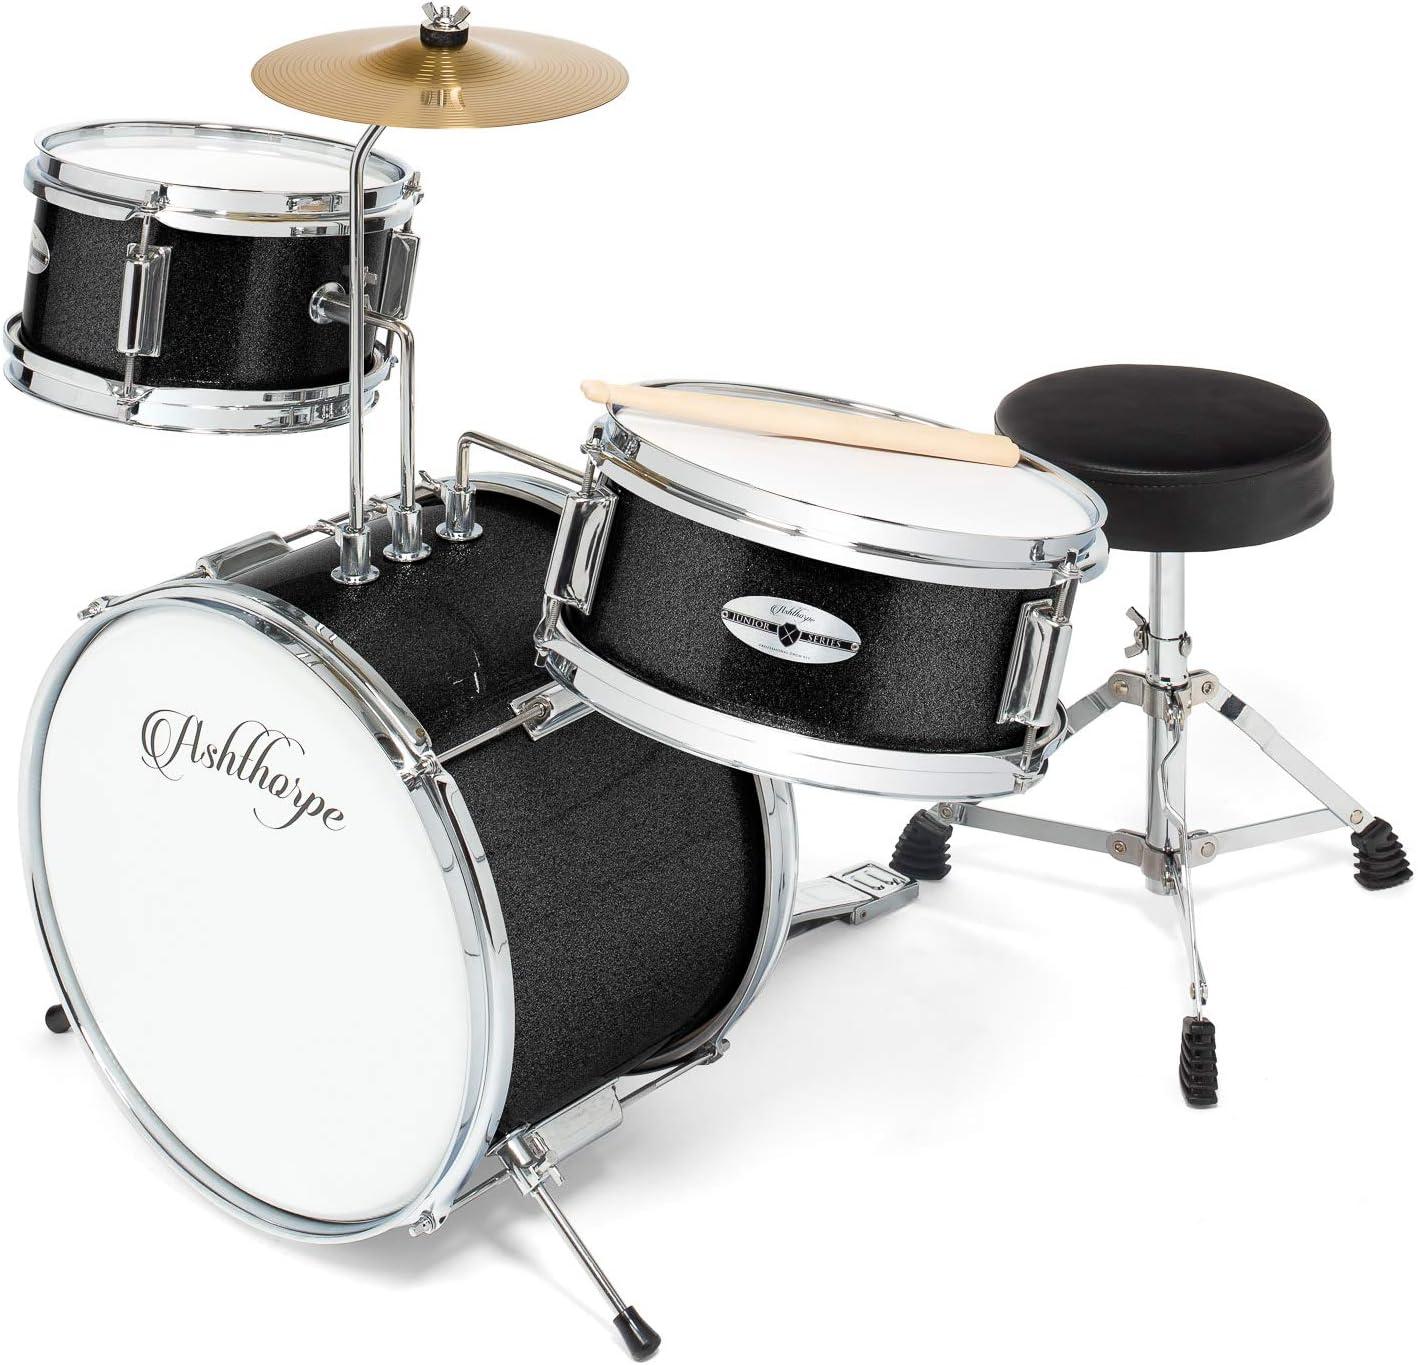 Ashthorpe 3-Piece Complete Kid's Junior Drum Set